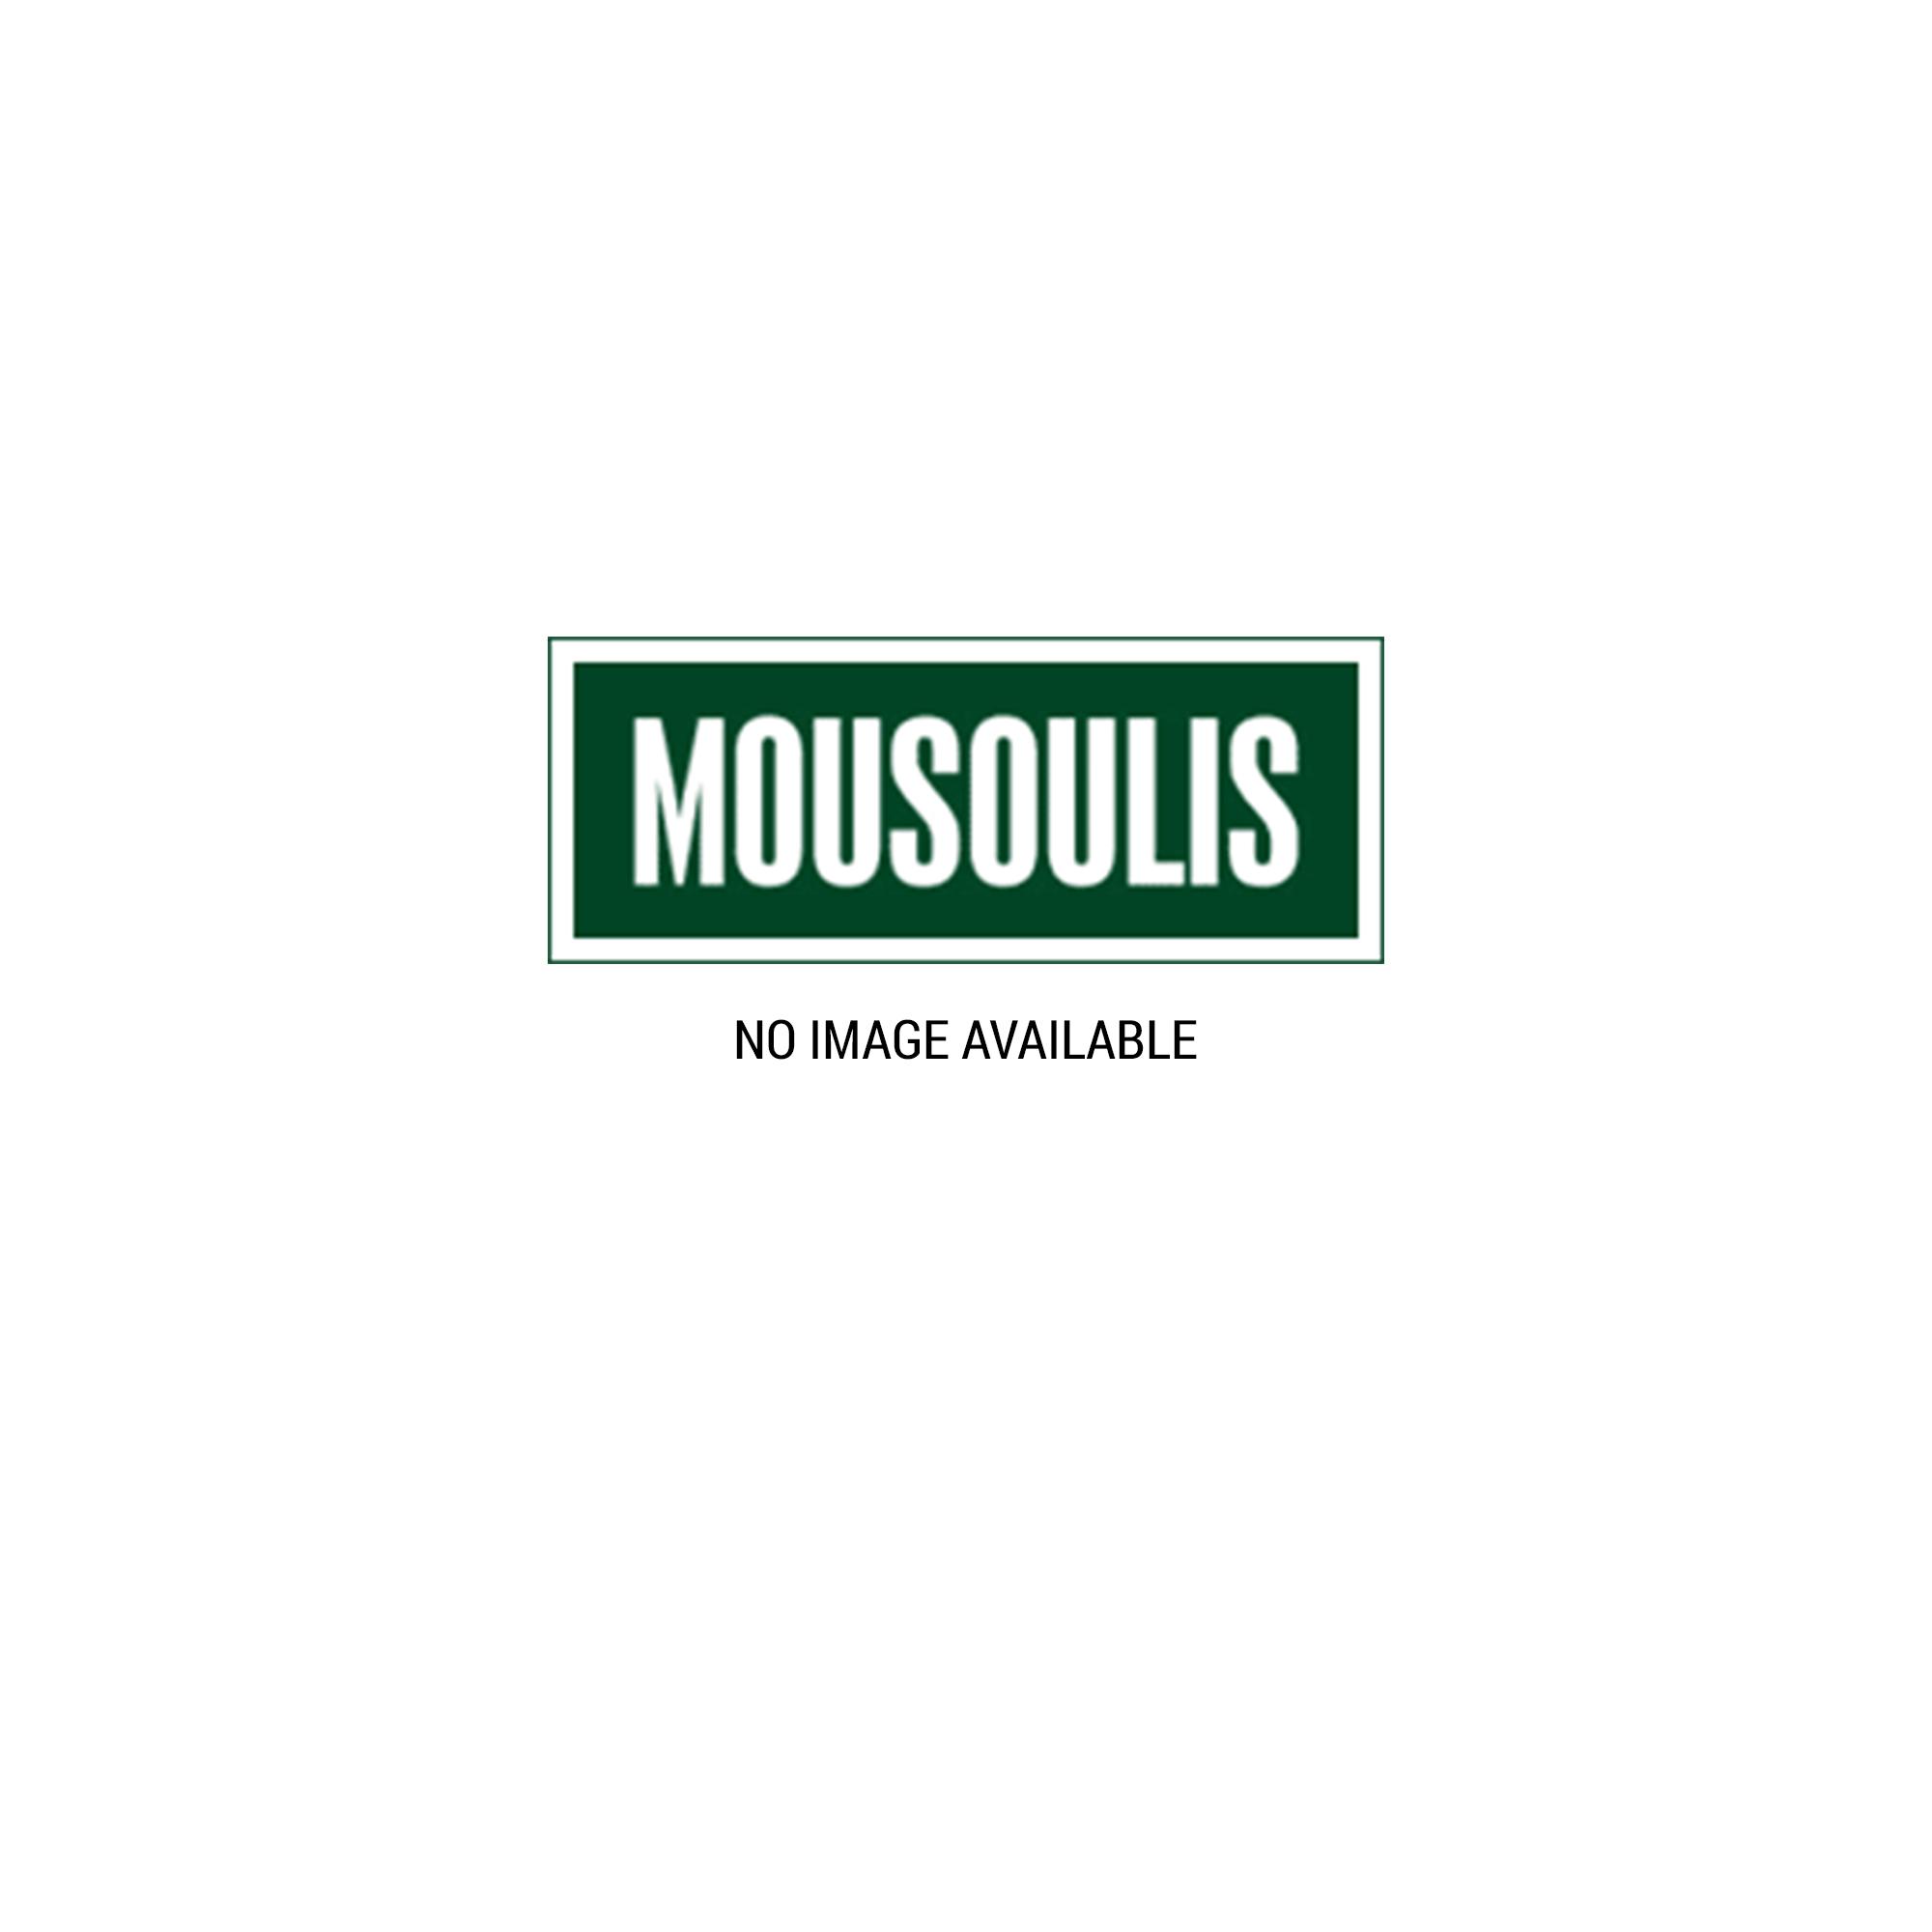 7d7331c1c54 Tom Frank | Shop Men's Suits & Trousers | Mousoulis